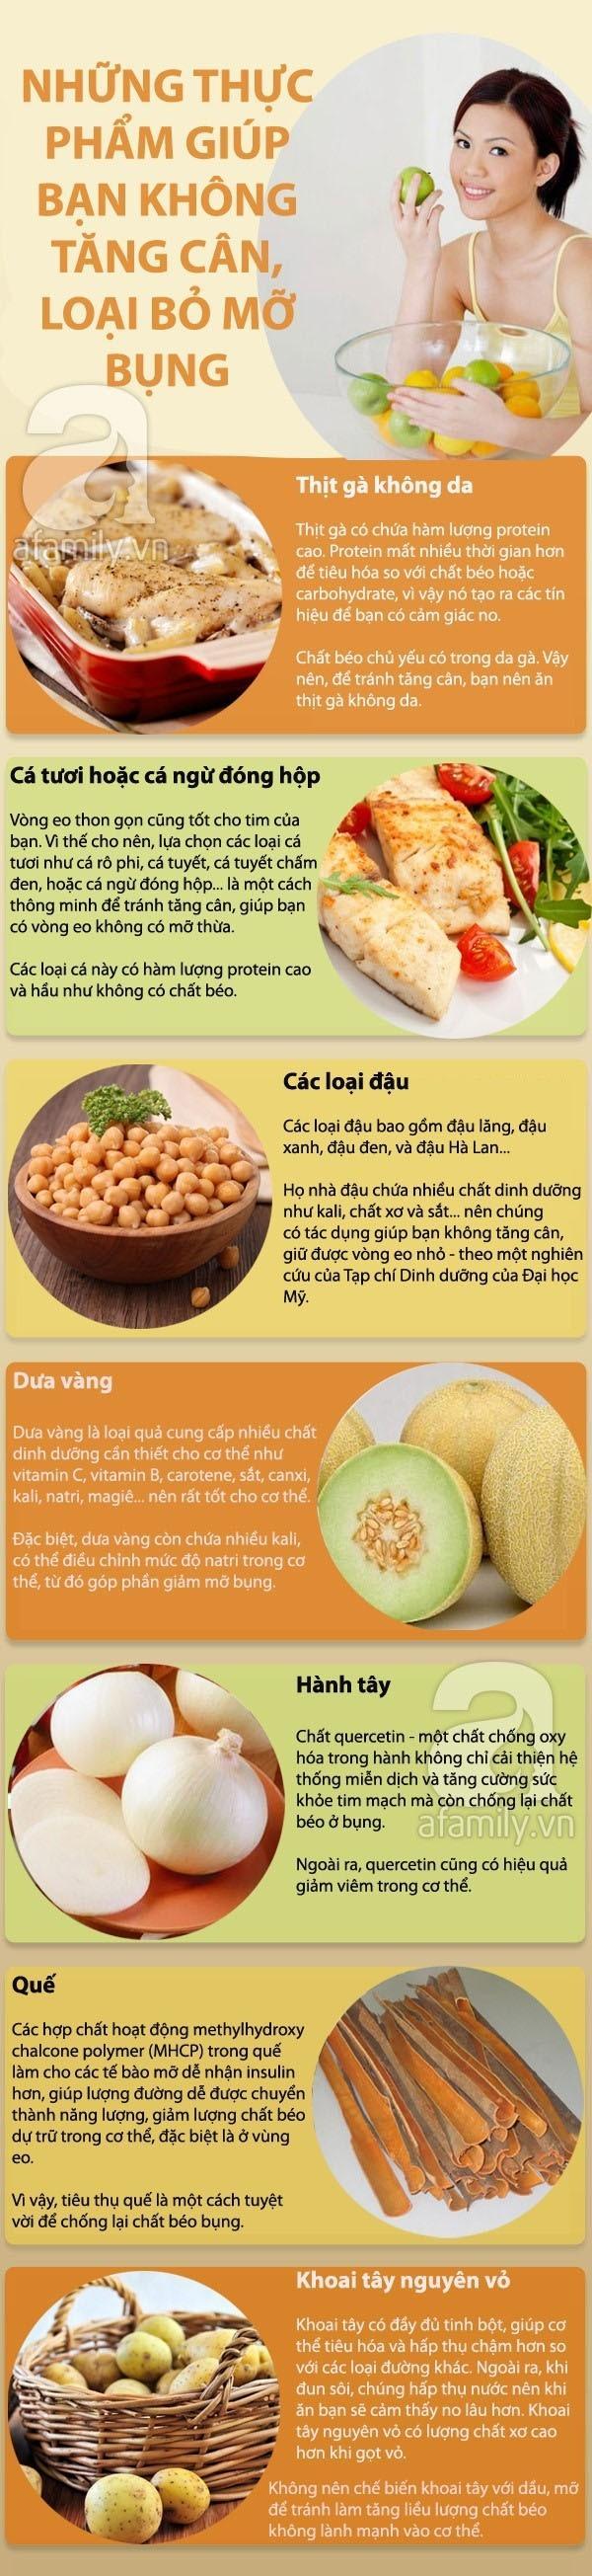 7 loại thực phẩm giúp bạn giảm mỡ bụng, không tăng cân